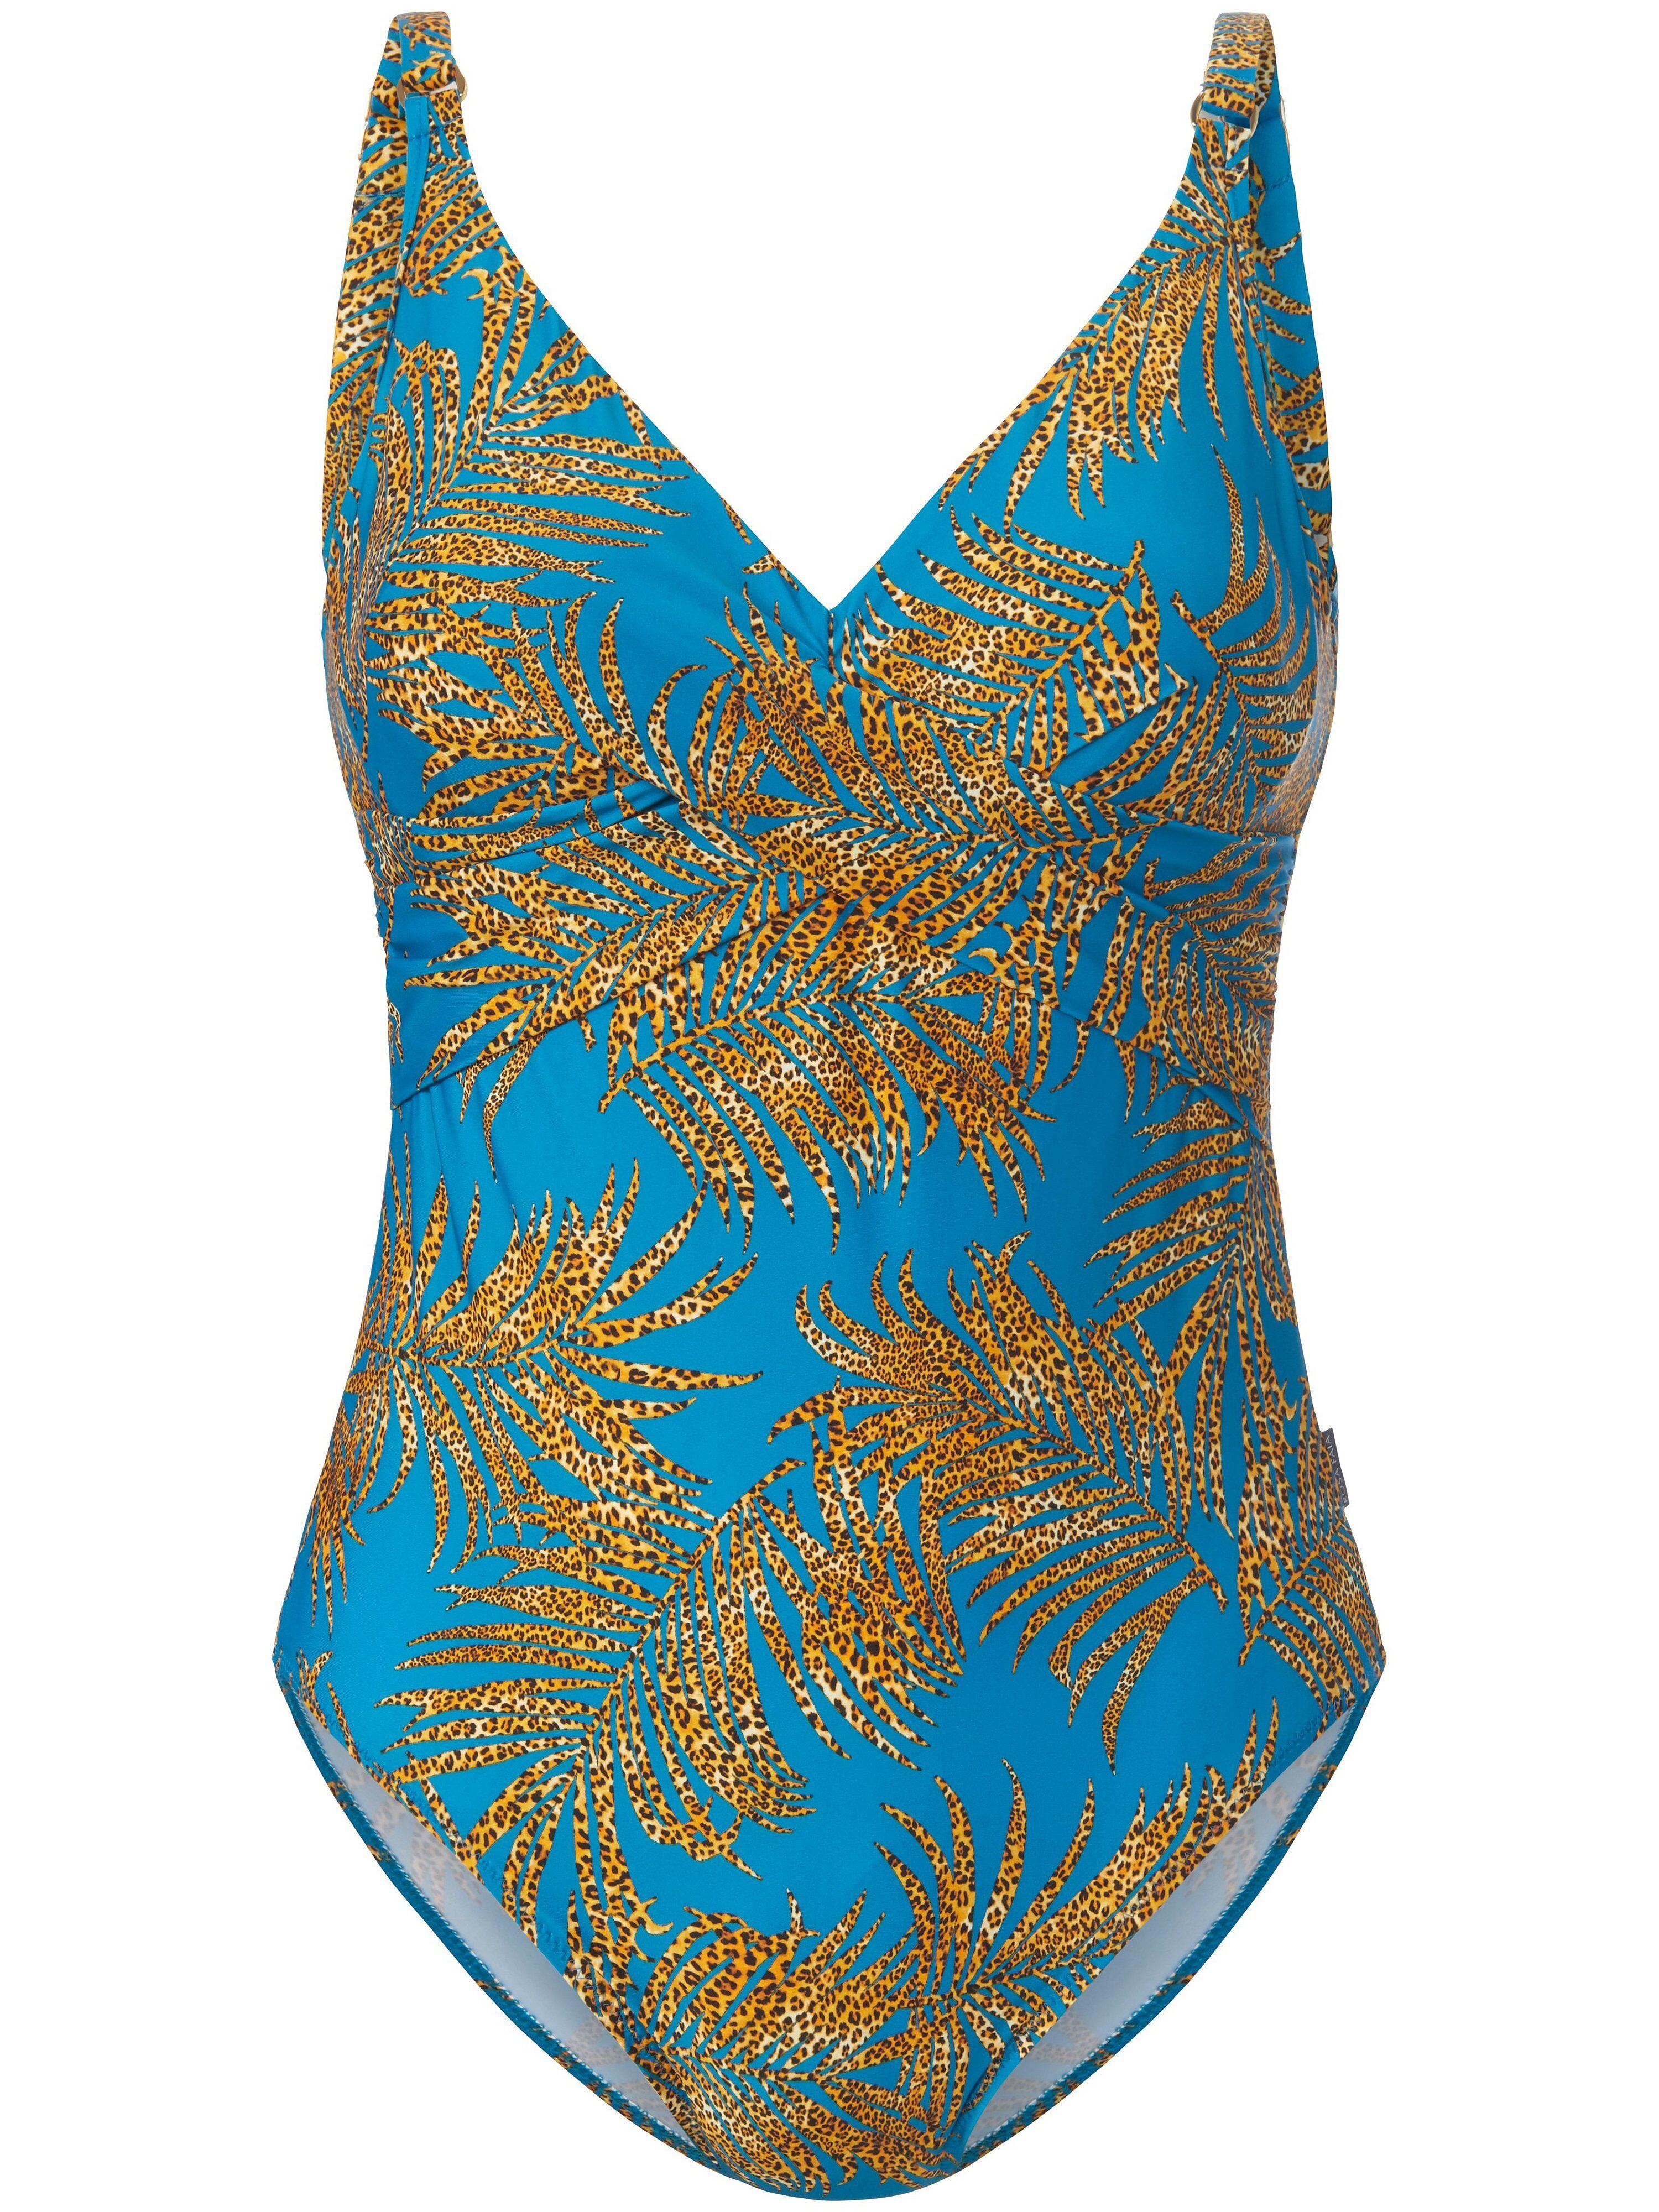 Anita Le maillot bain à armatures  Rosa Faia turquoise  - Femme - 42